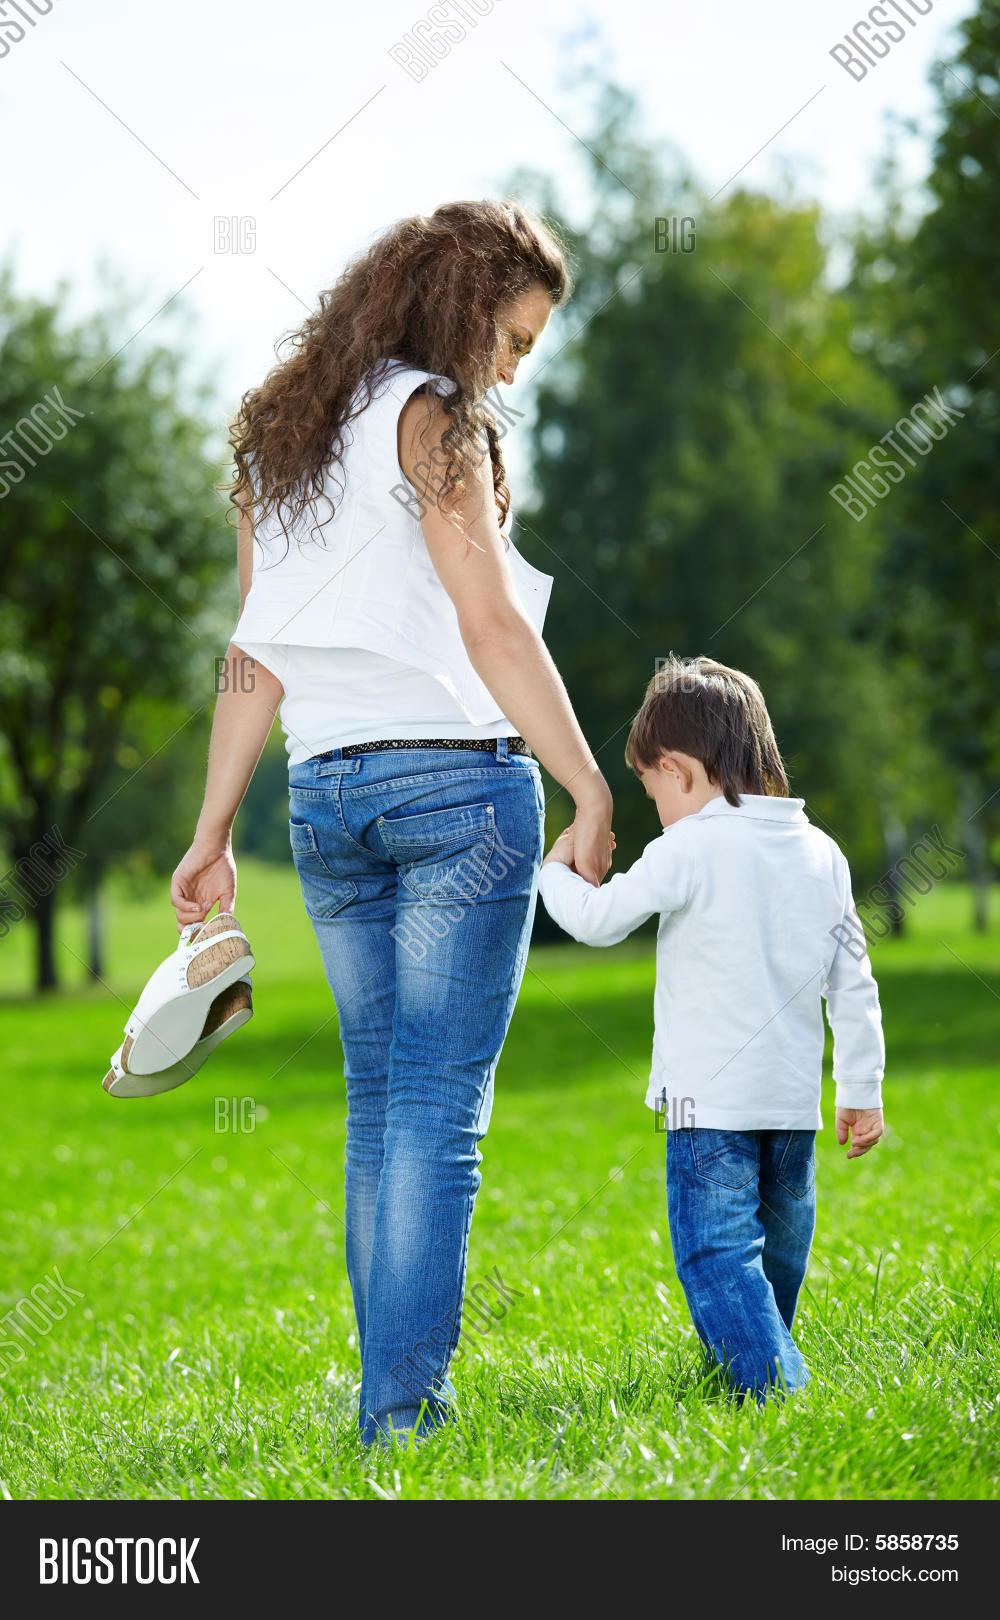 Сын трахается с молоденькой матерью 16 фотография